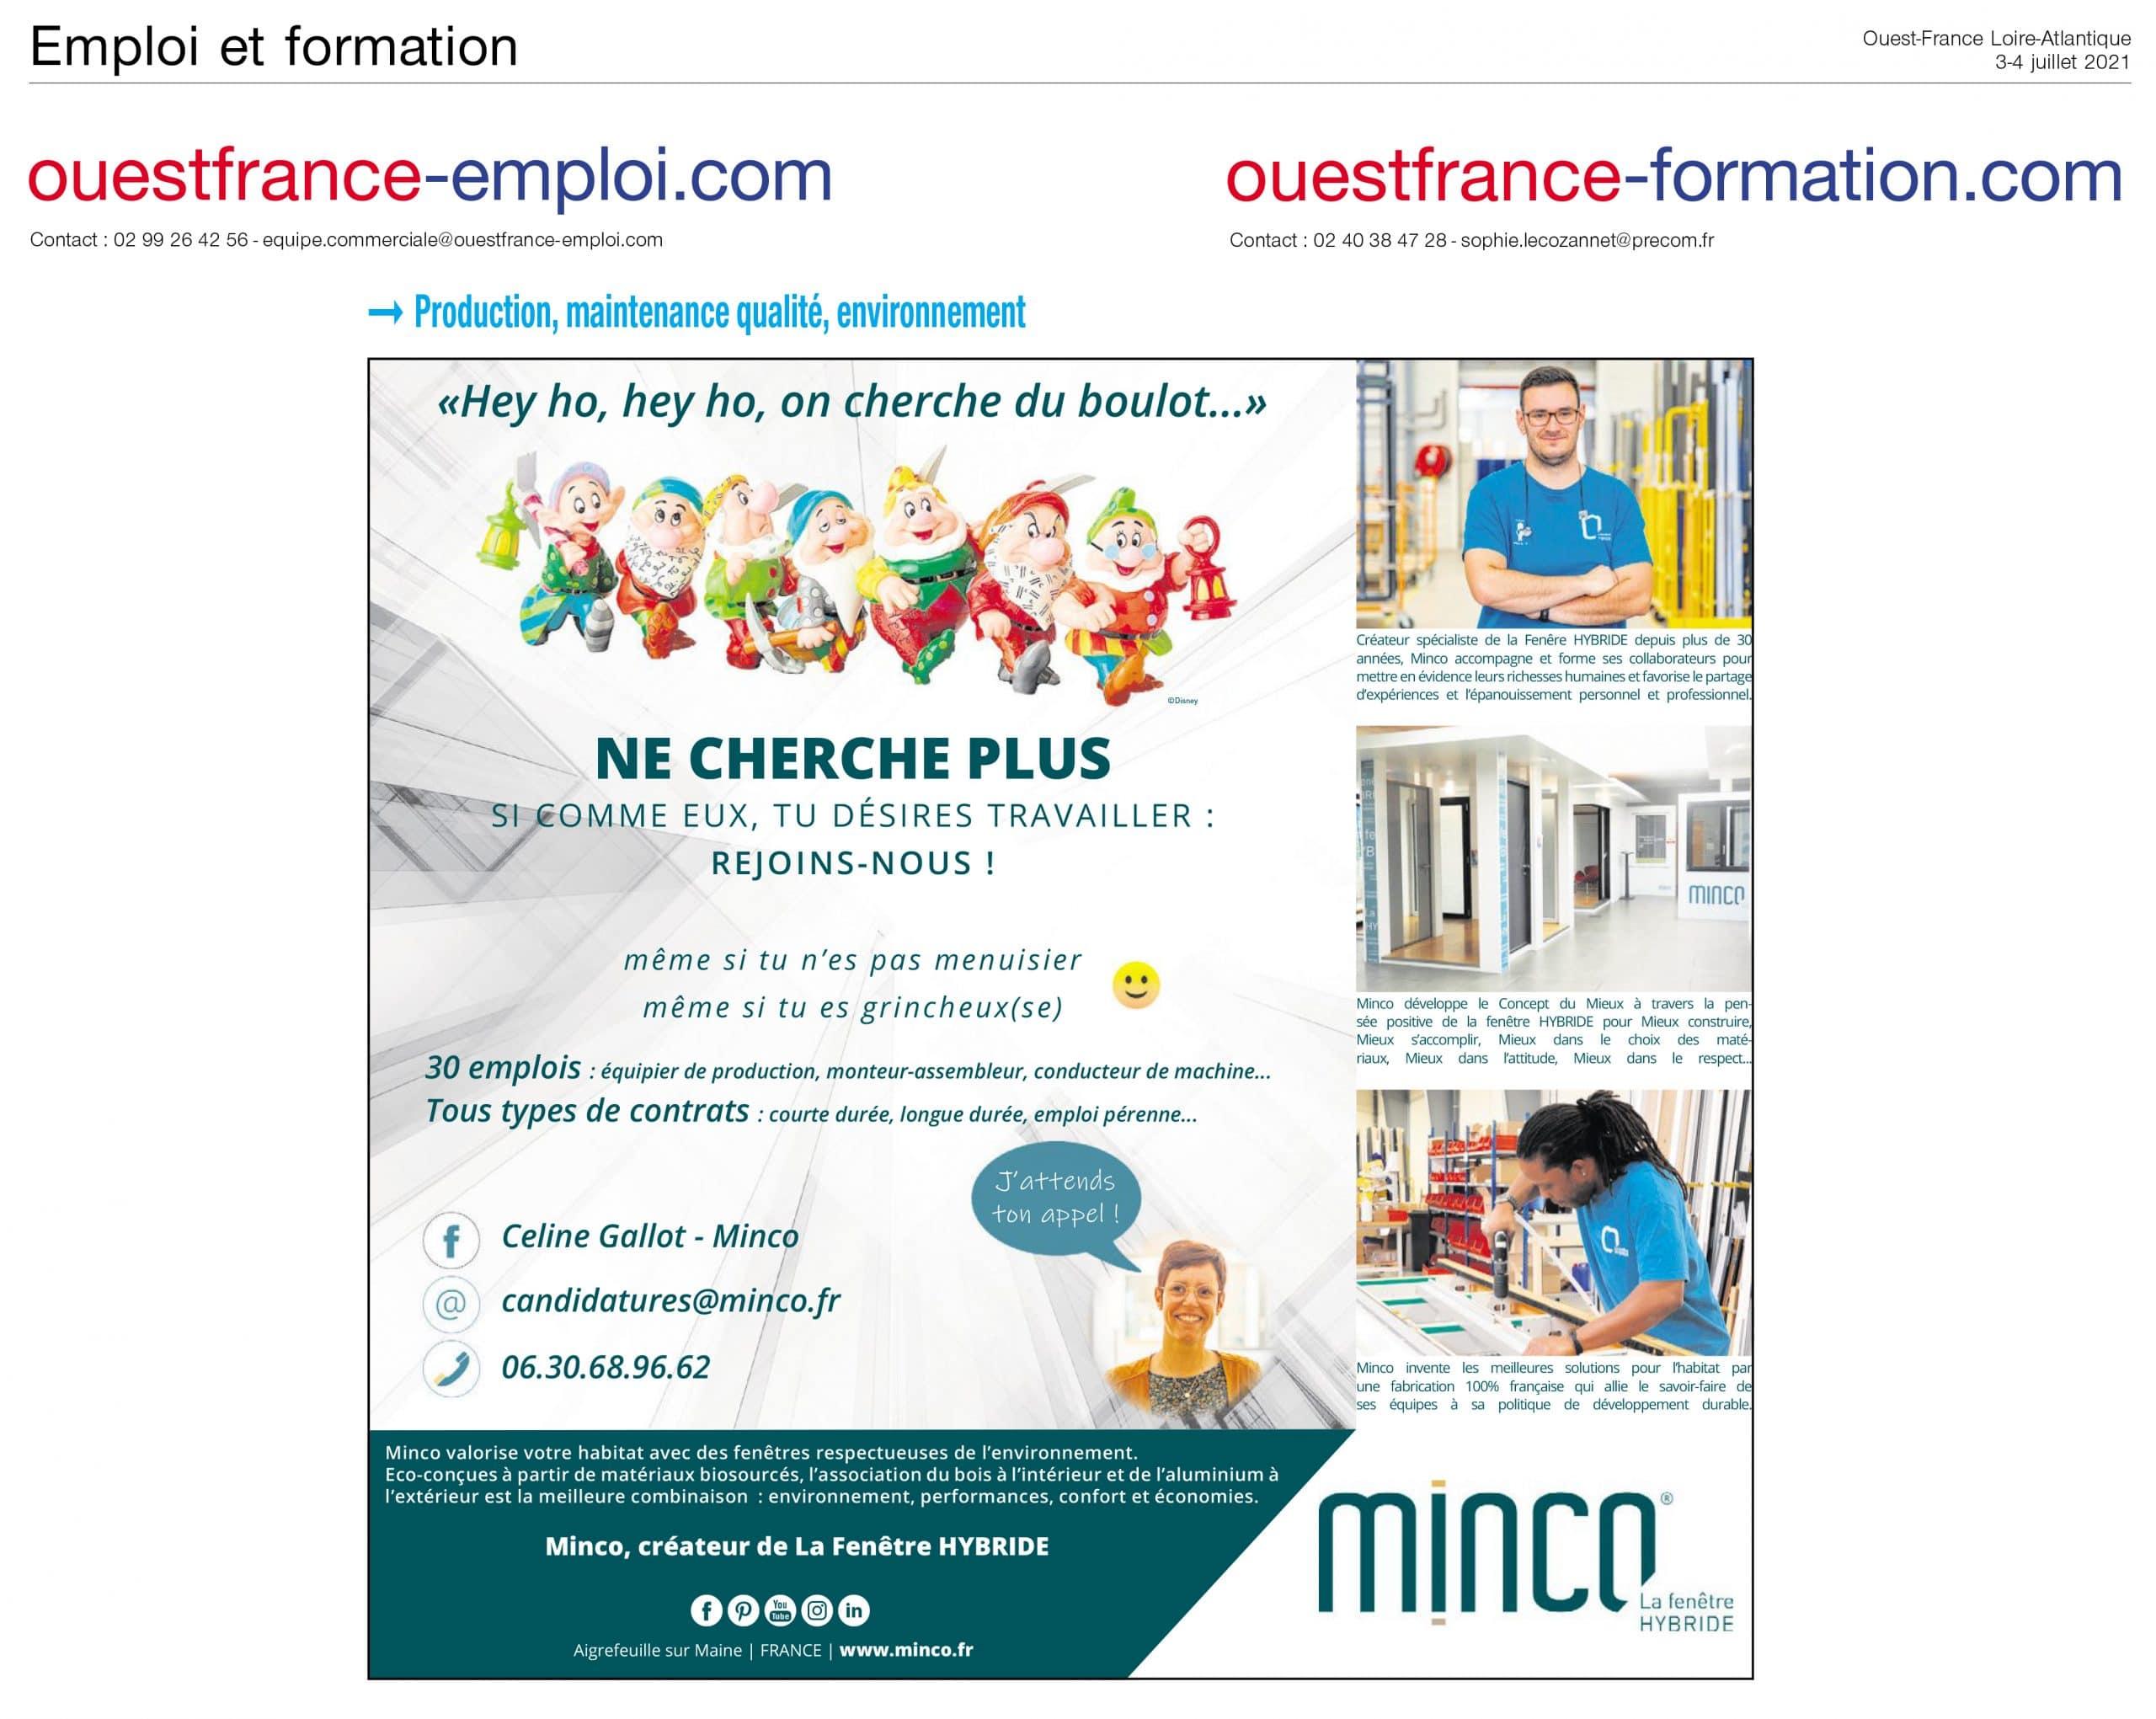 ouest-france-minco-recrute